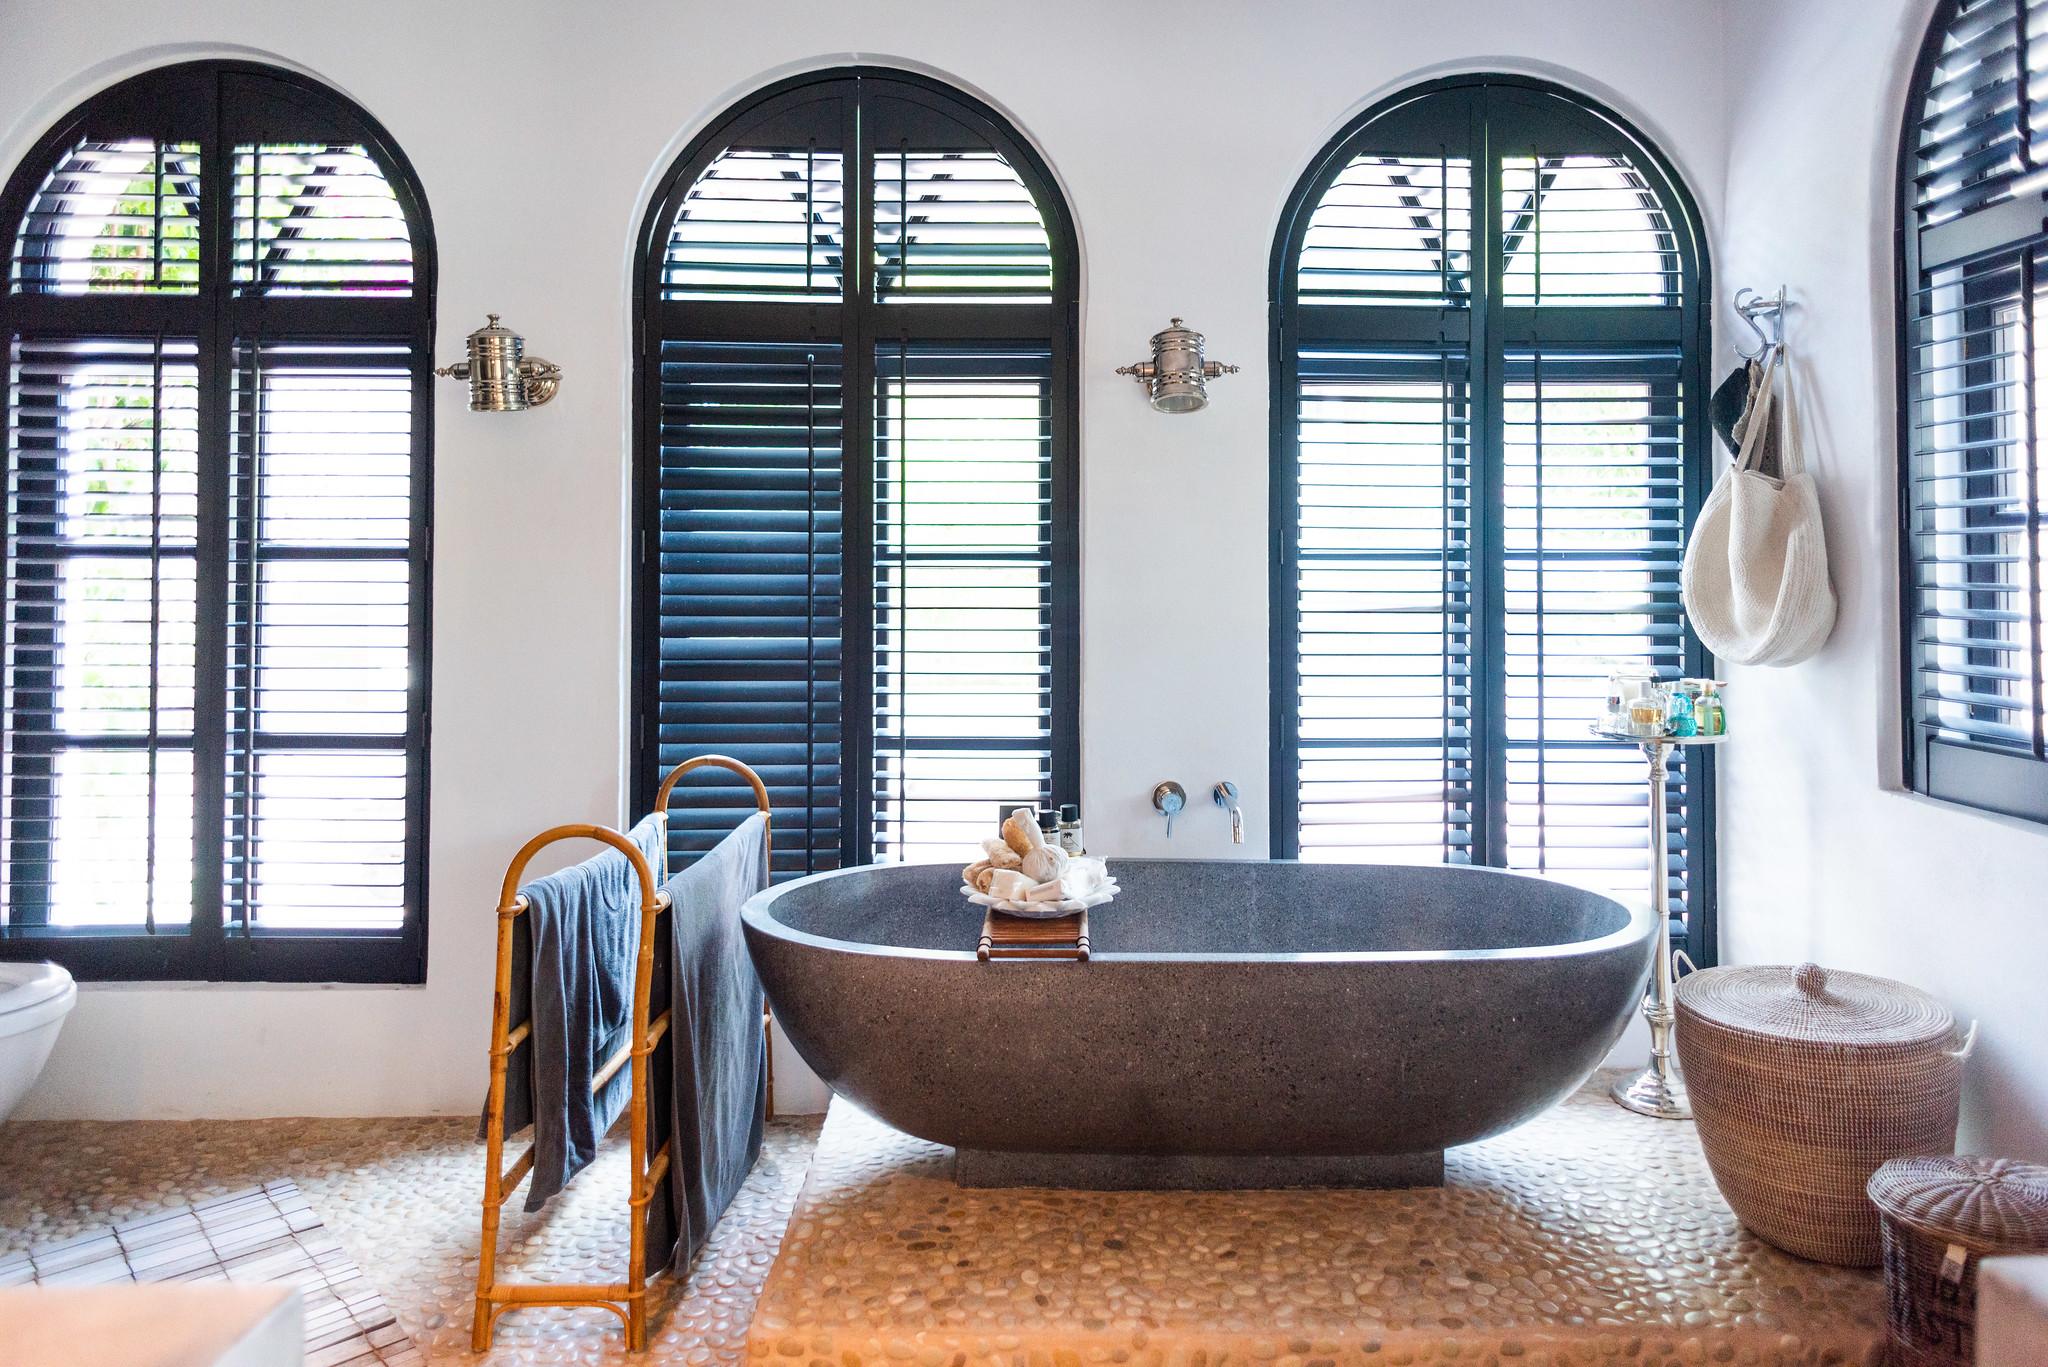 https://www.white-ibiza.com/wp-content/uploads/2020/05/white-ibiza-villas-can-riviere-interior-bathroom2.jpg